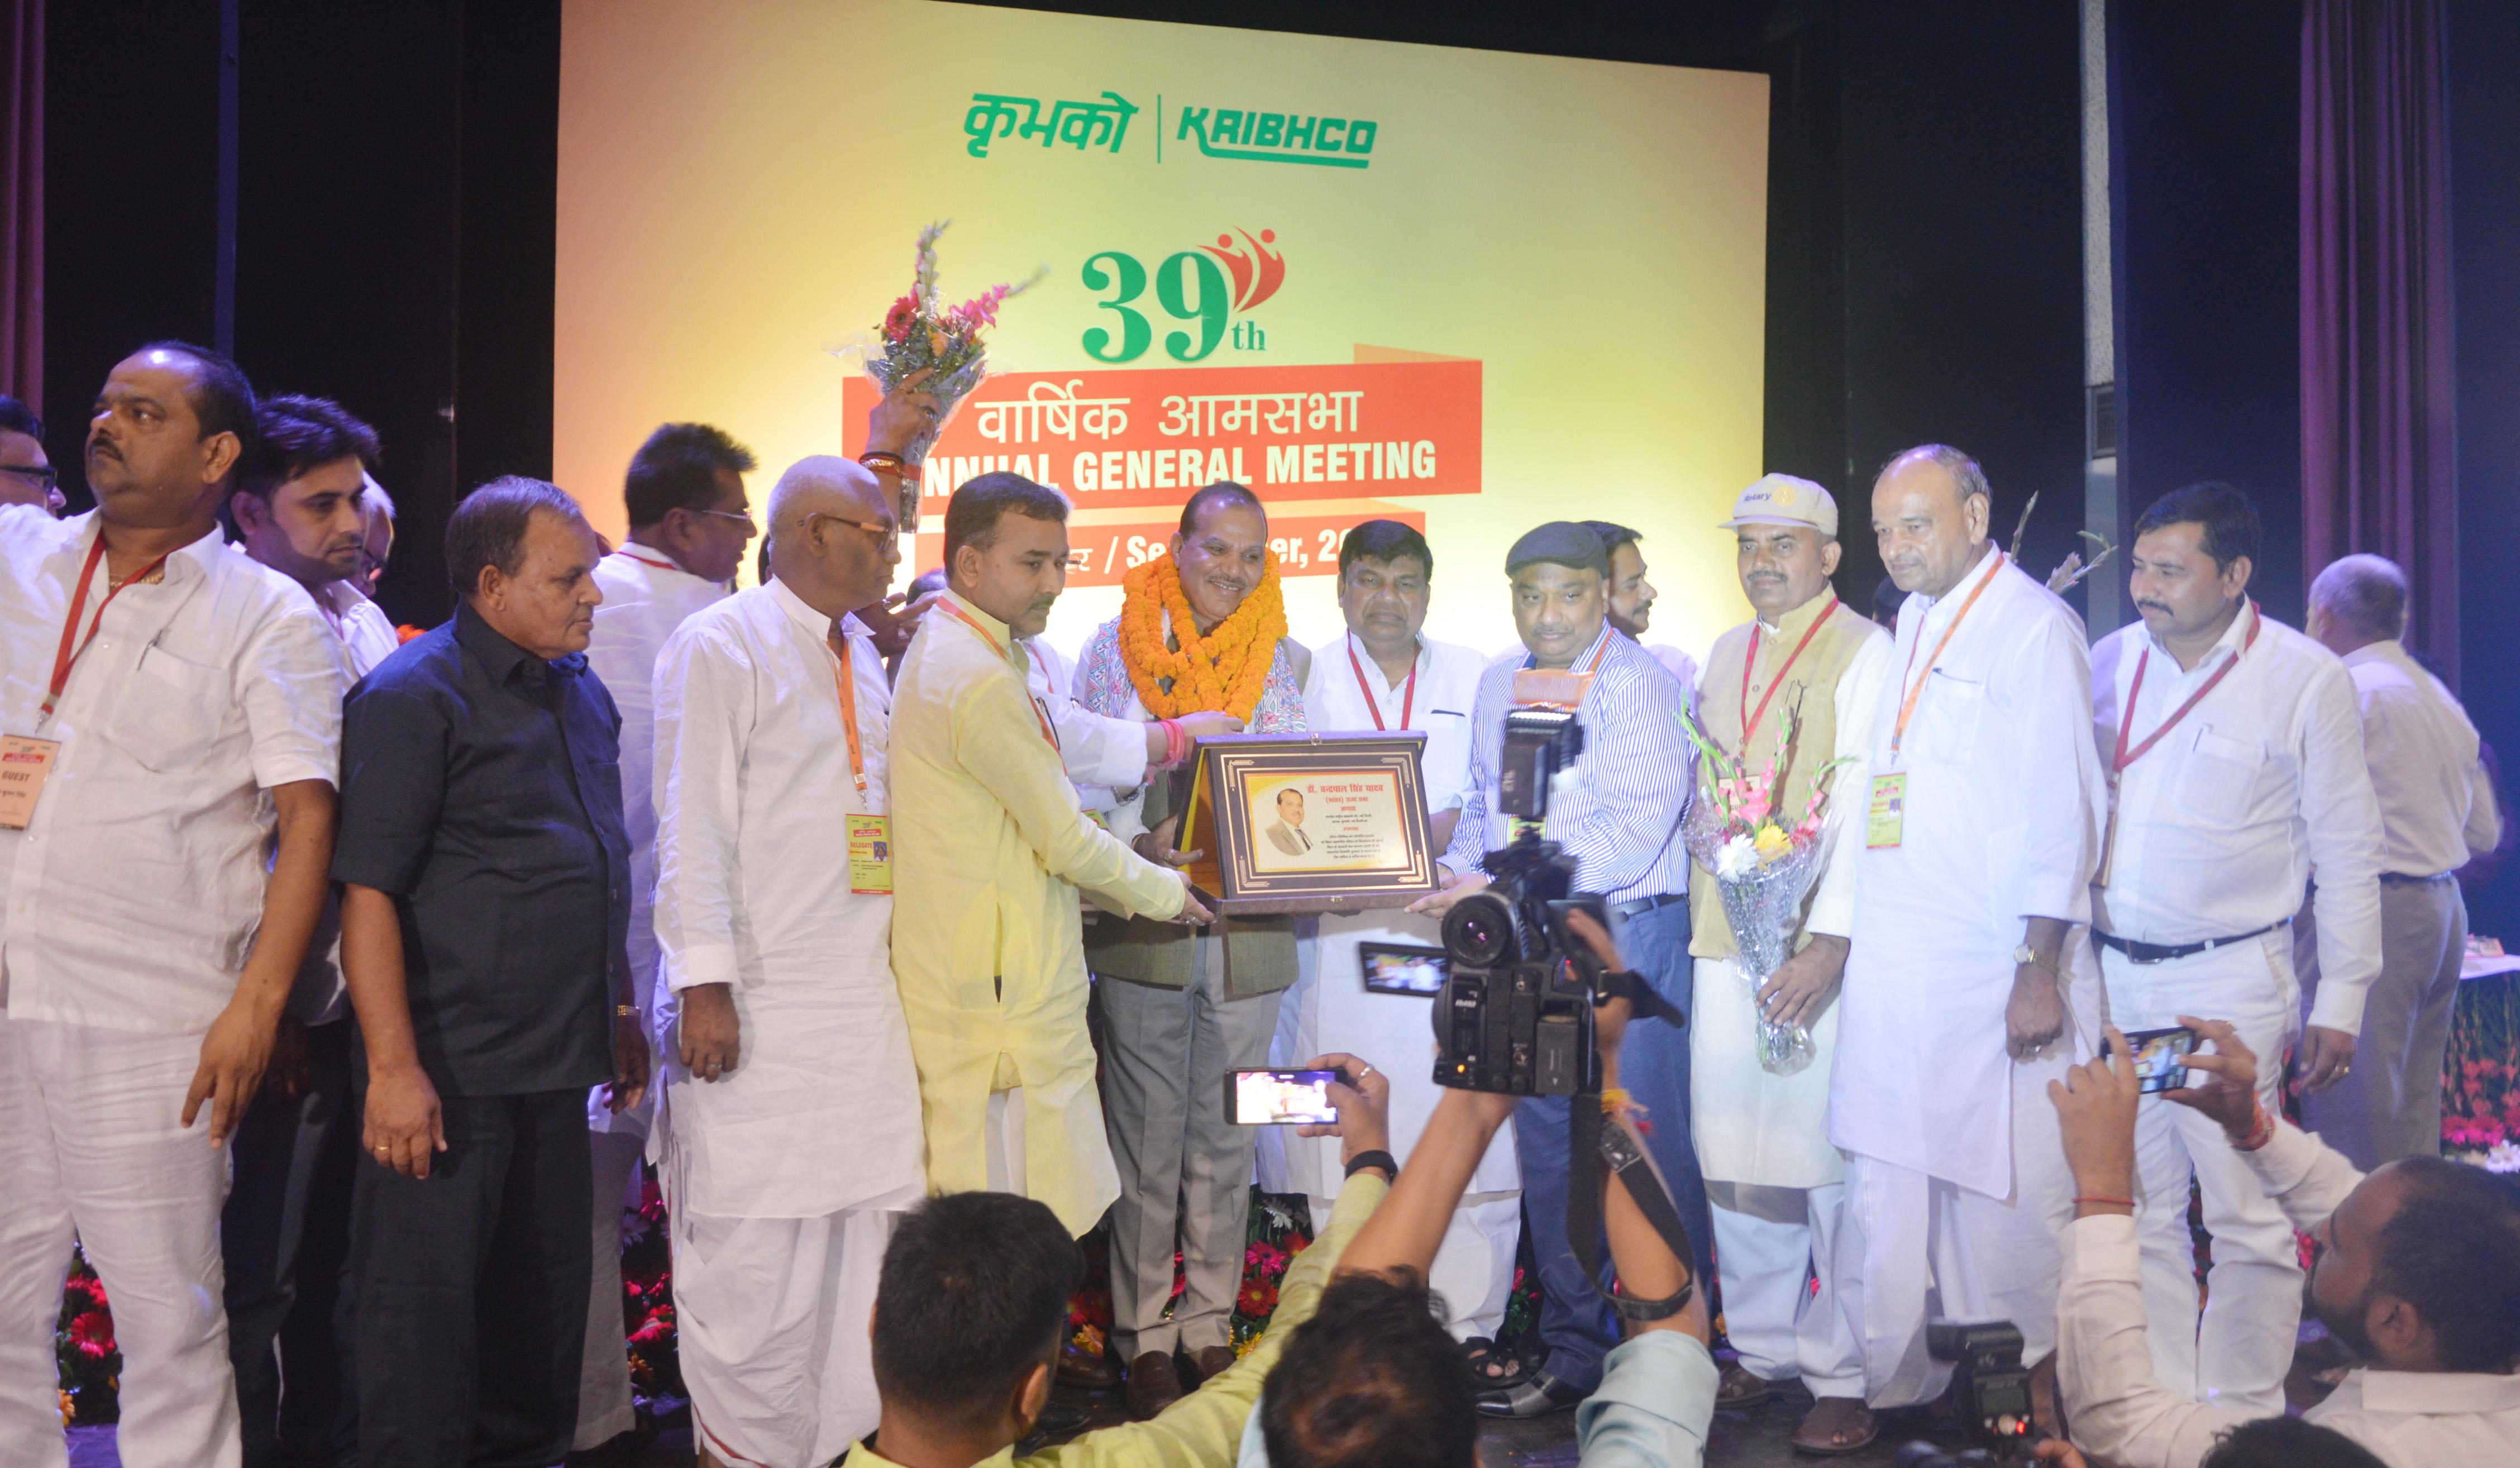 Photo of बिहार के सहकारी नेताओं ने कृभको अध्यक्ष को किया सम्मानित